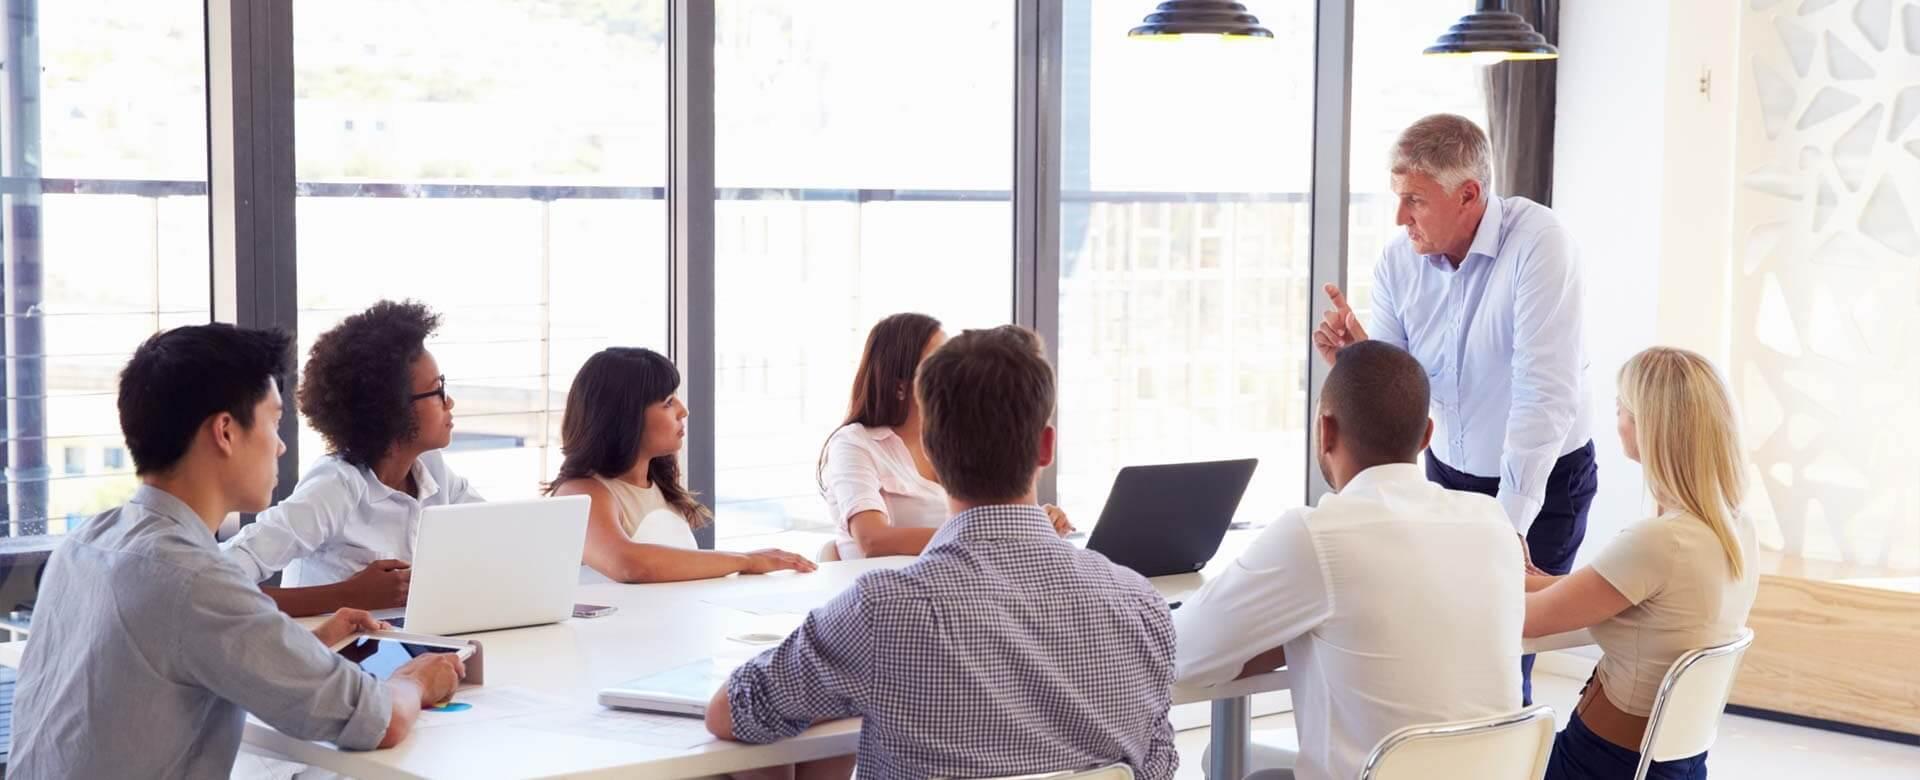 Abogado asesorando a clientes en una oficina. Slider 1